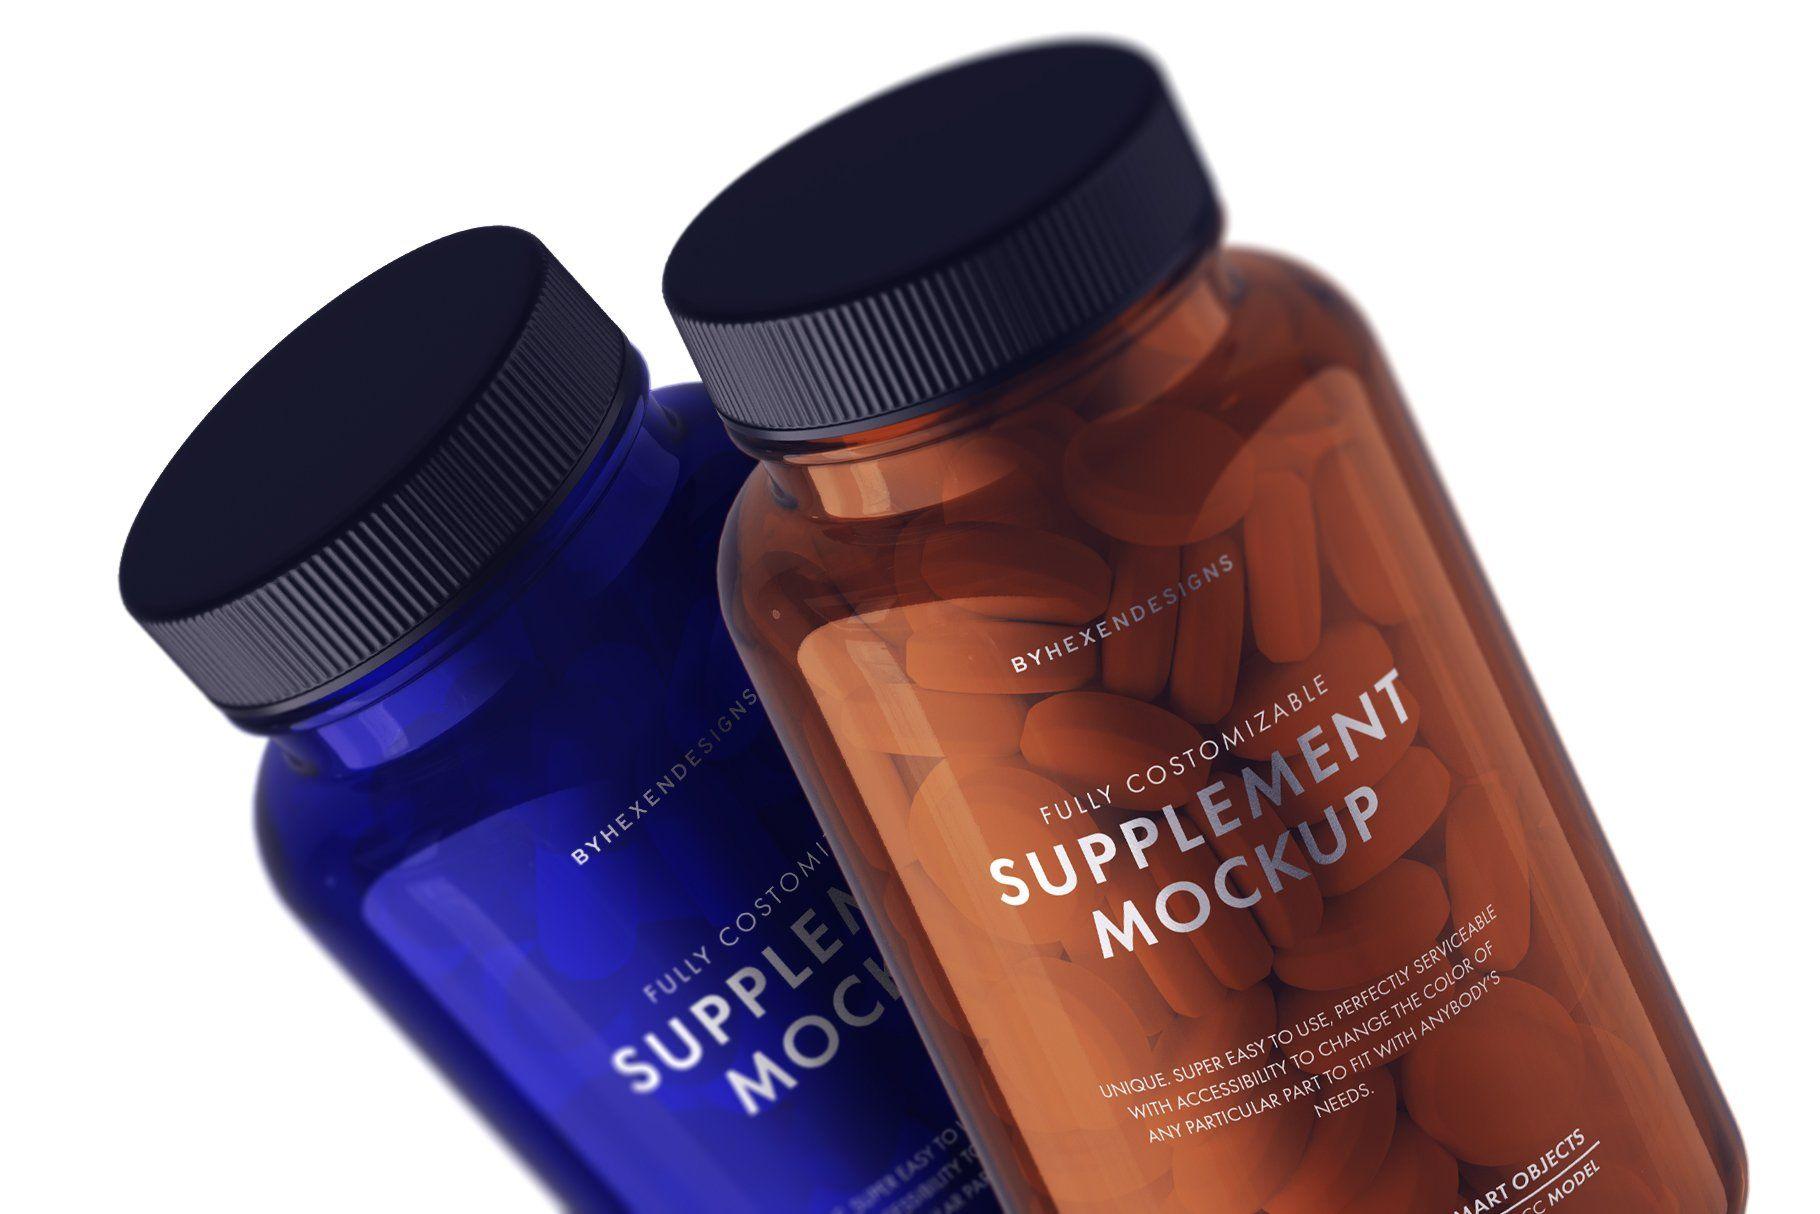 Download Supplement Bottle Mockup In 2020 Supplement Bottles Bottle Mockup Pill Bottles PSD Mockup Templates